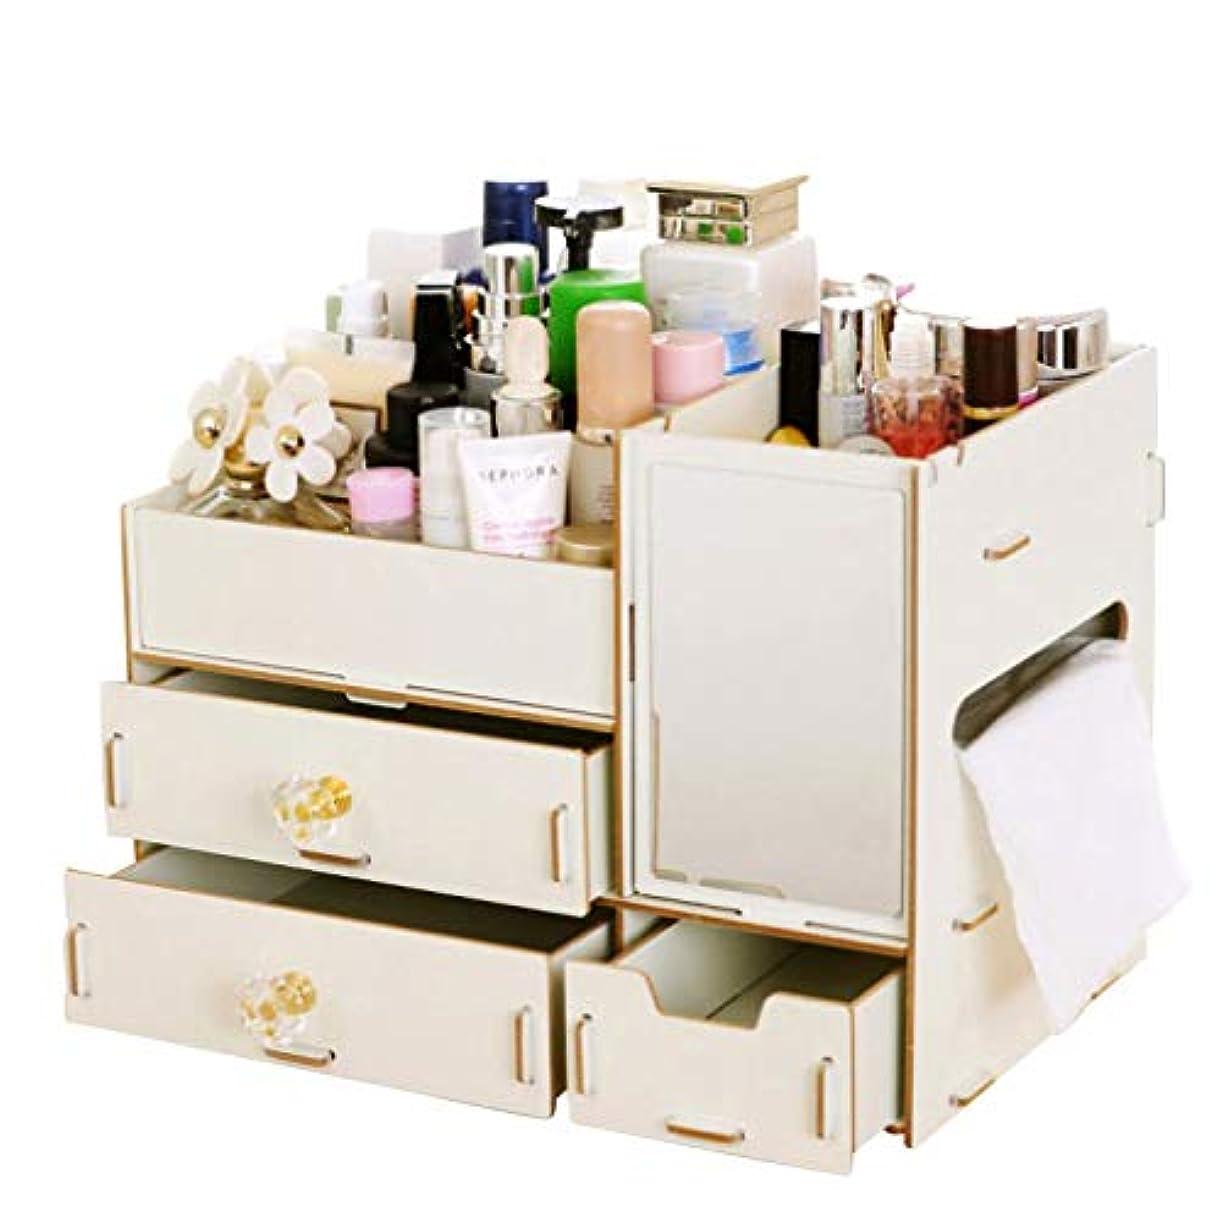 ビバ気体の不十分伊耶那美(イザナミ) 化粧品 コスメ ジュエリー 収納 ボックス メイクボックス 木製 組み立て式(白色)